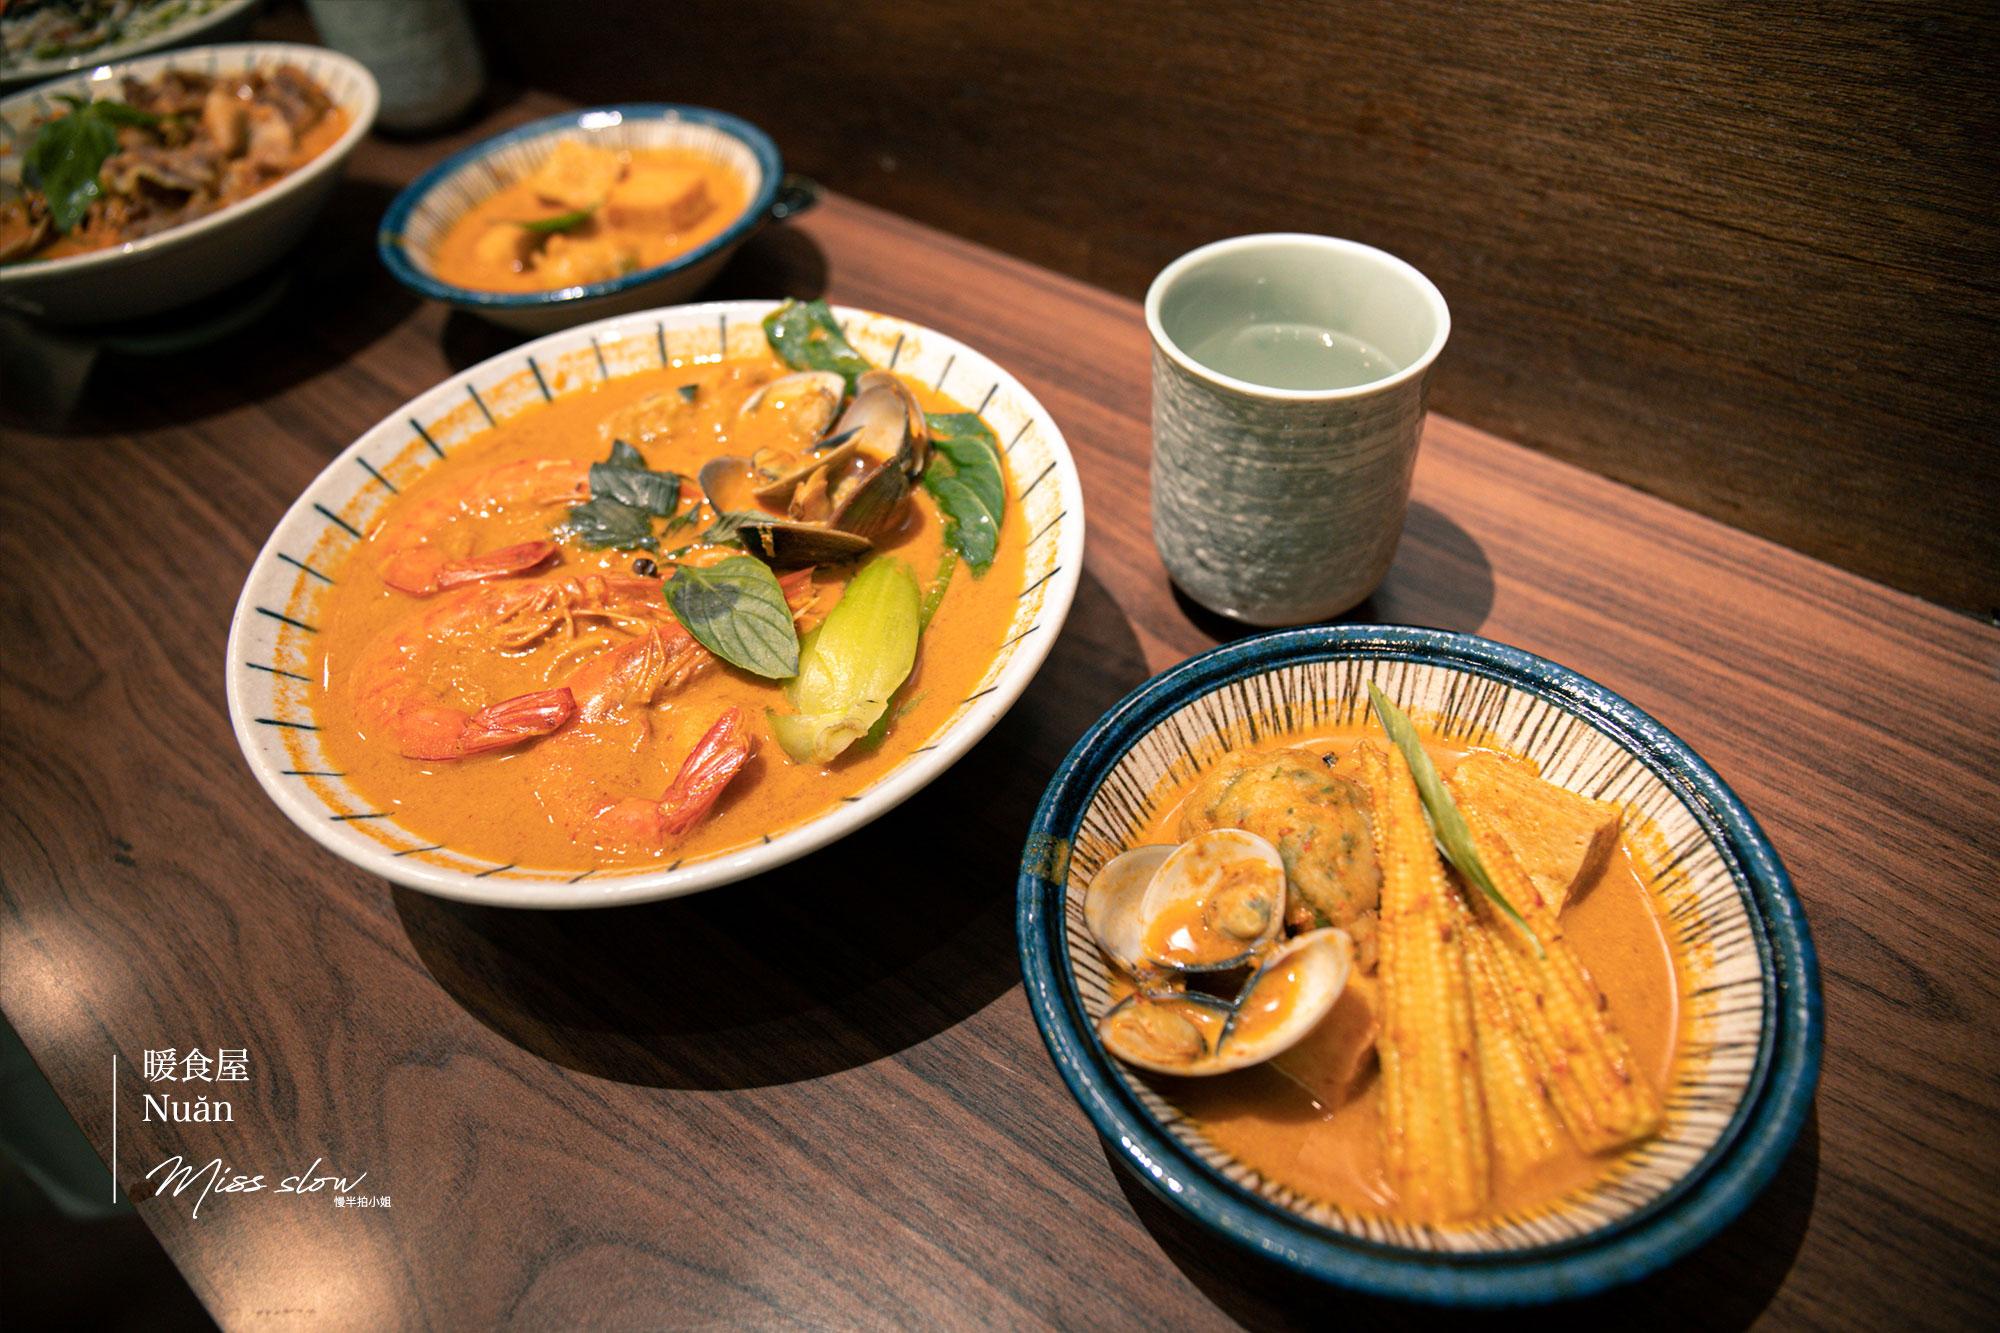 台中暖食屋南洋料理_海鮮南洋叻撒暖麵蕎麥冷麵